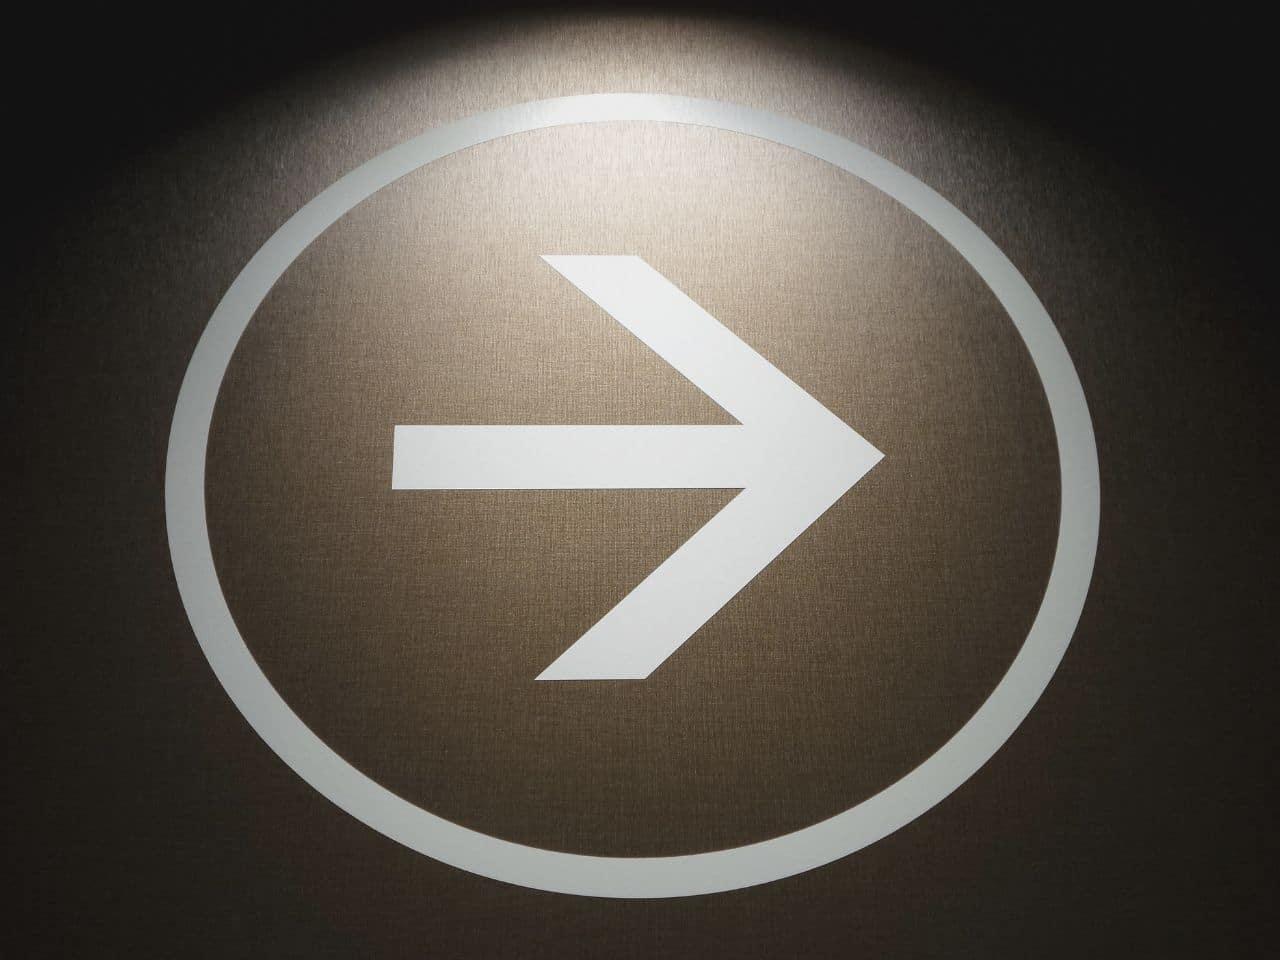 進めを示す矢印